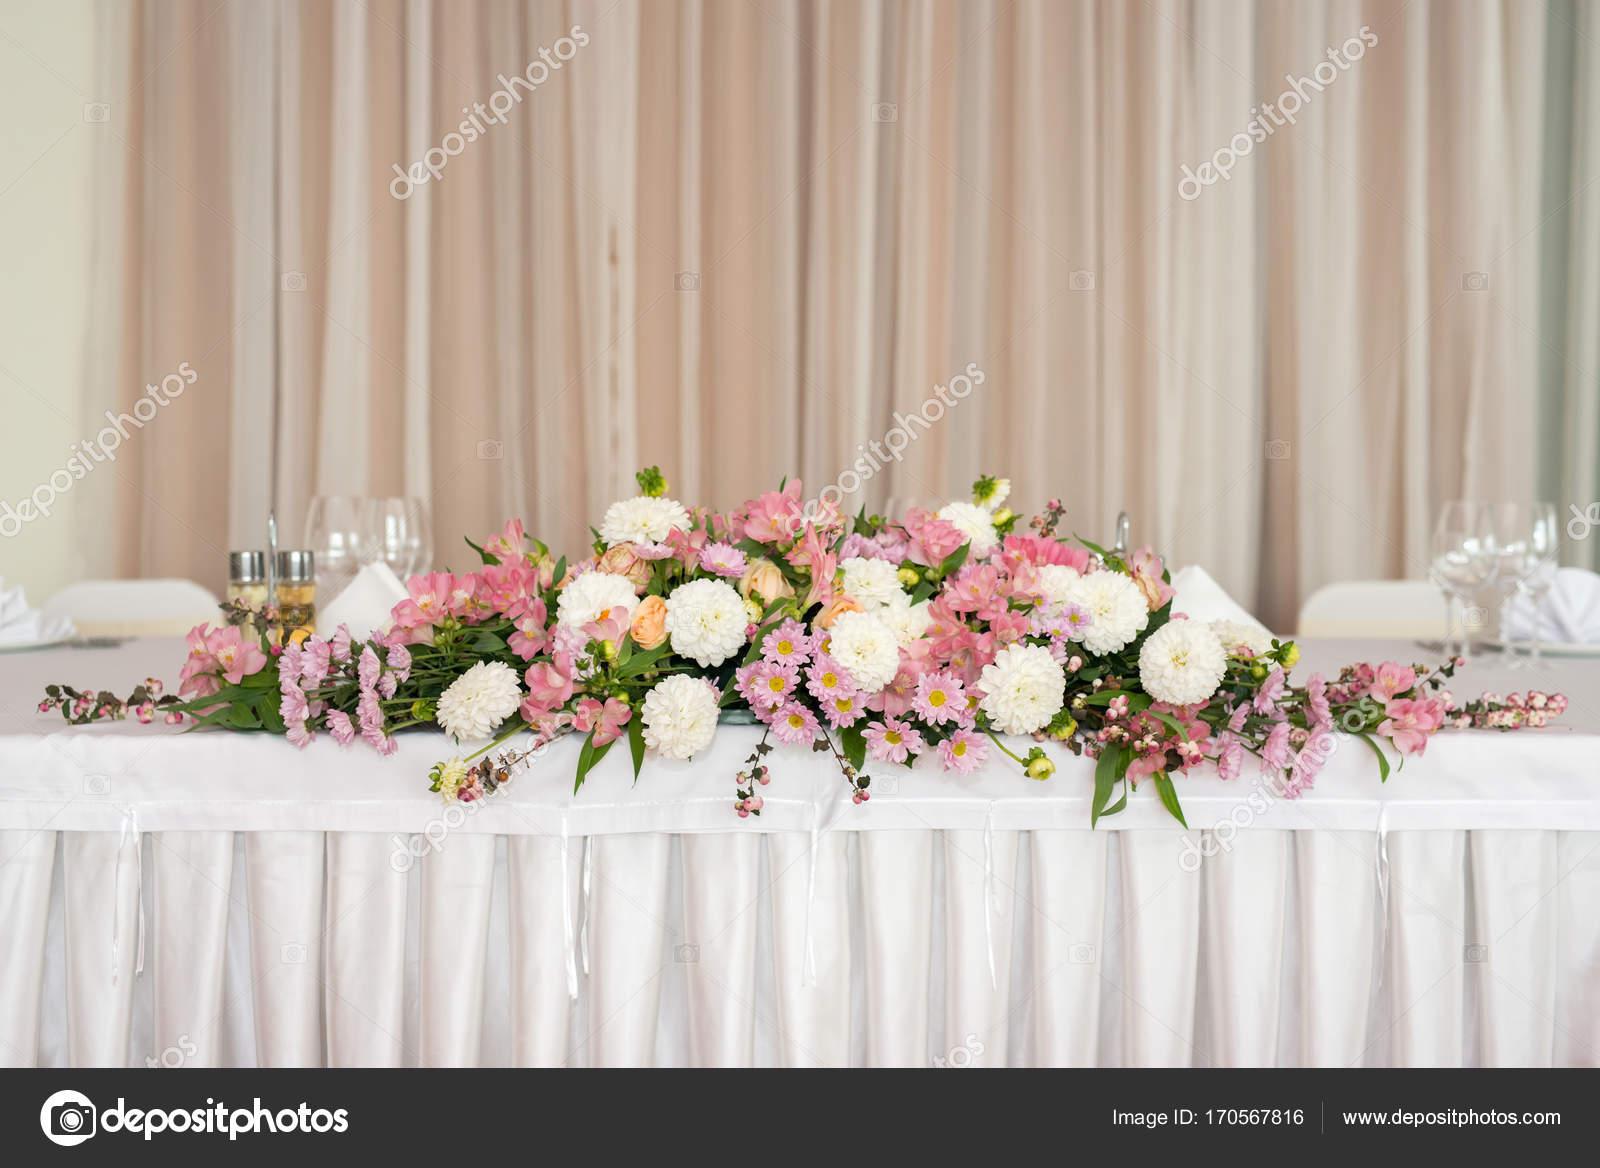 belle décoration florale sur une table dans un restaurant de mariage